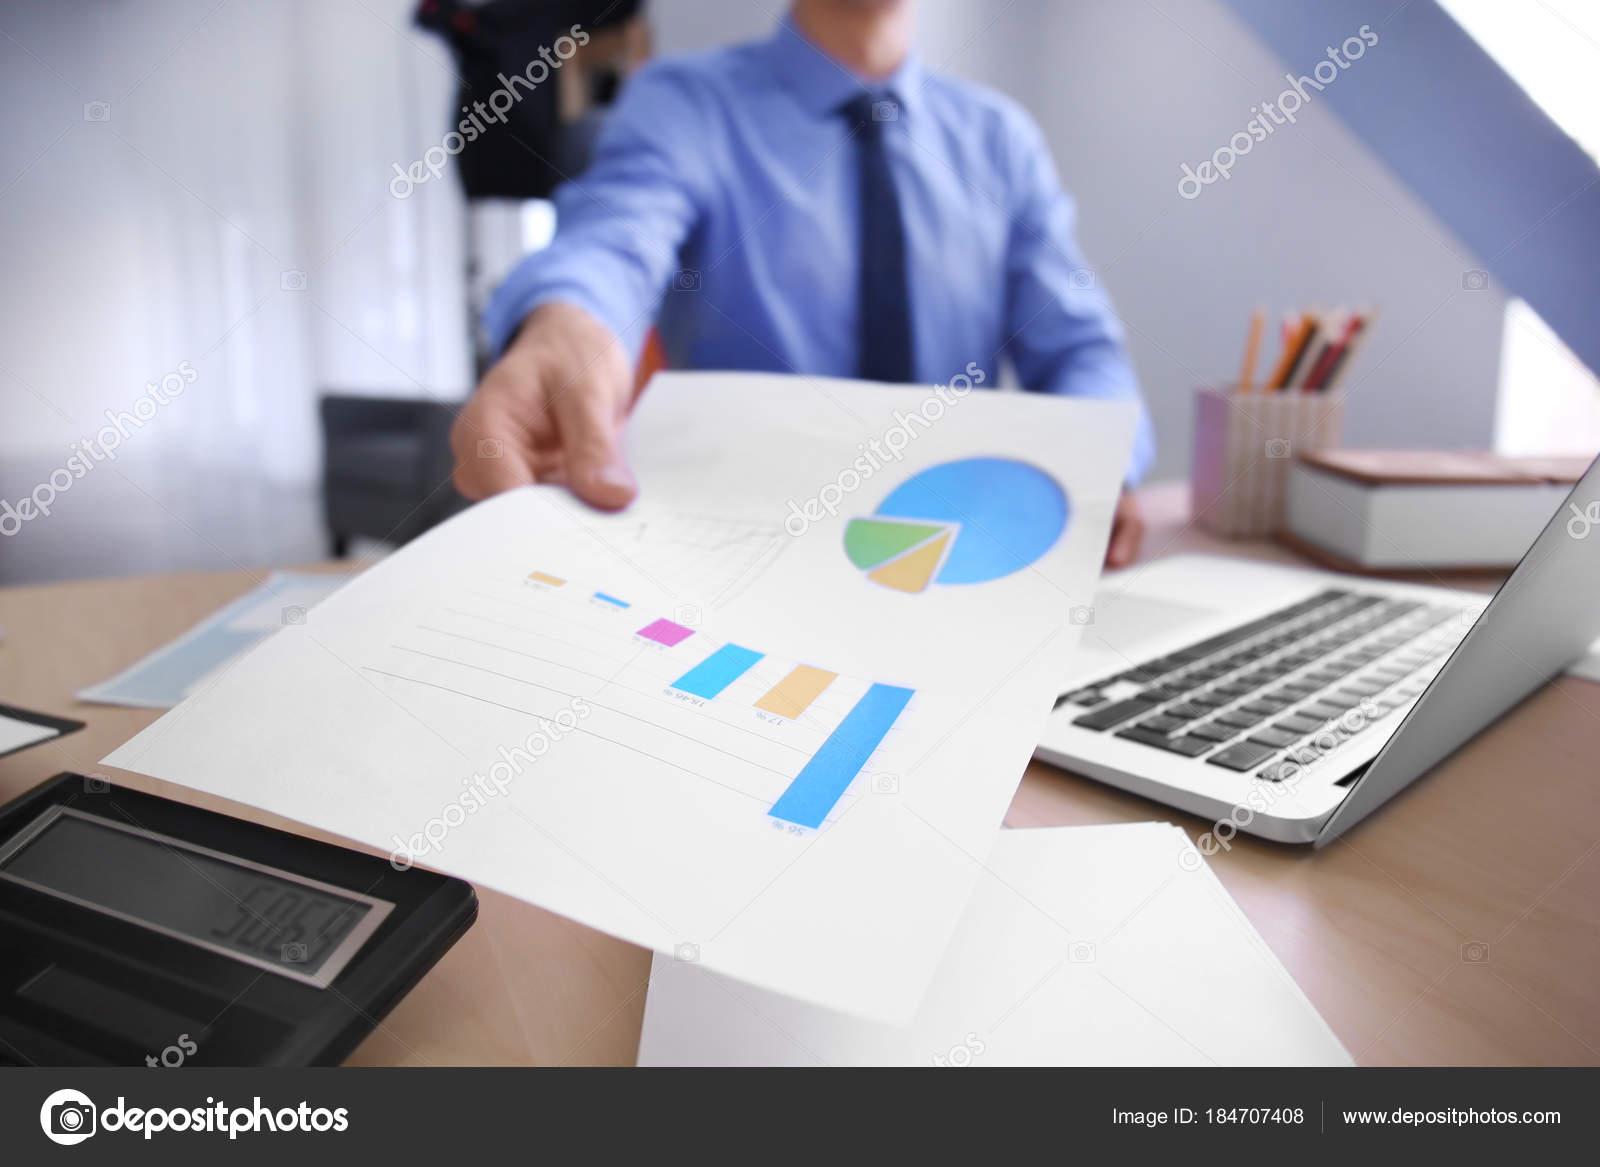 Ufficio Primo : Uomo che lavora al tavolo in ufficio primo piano. concetto di